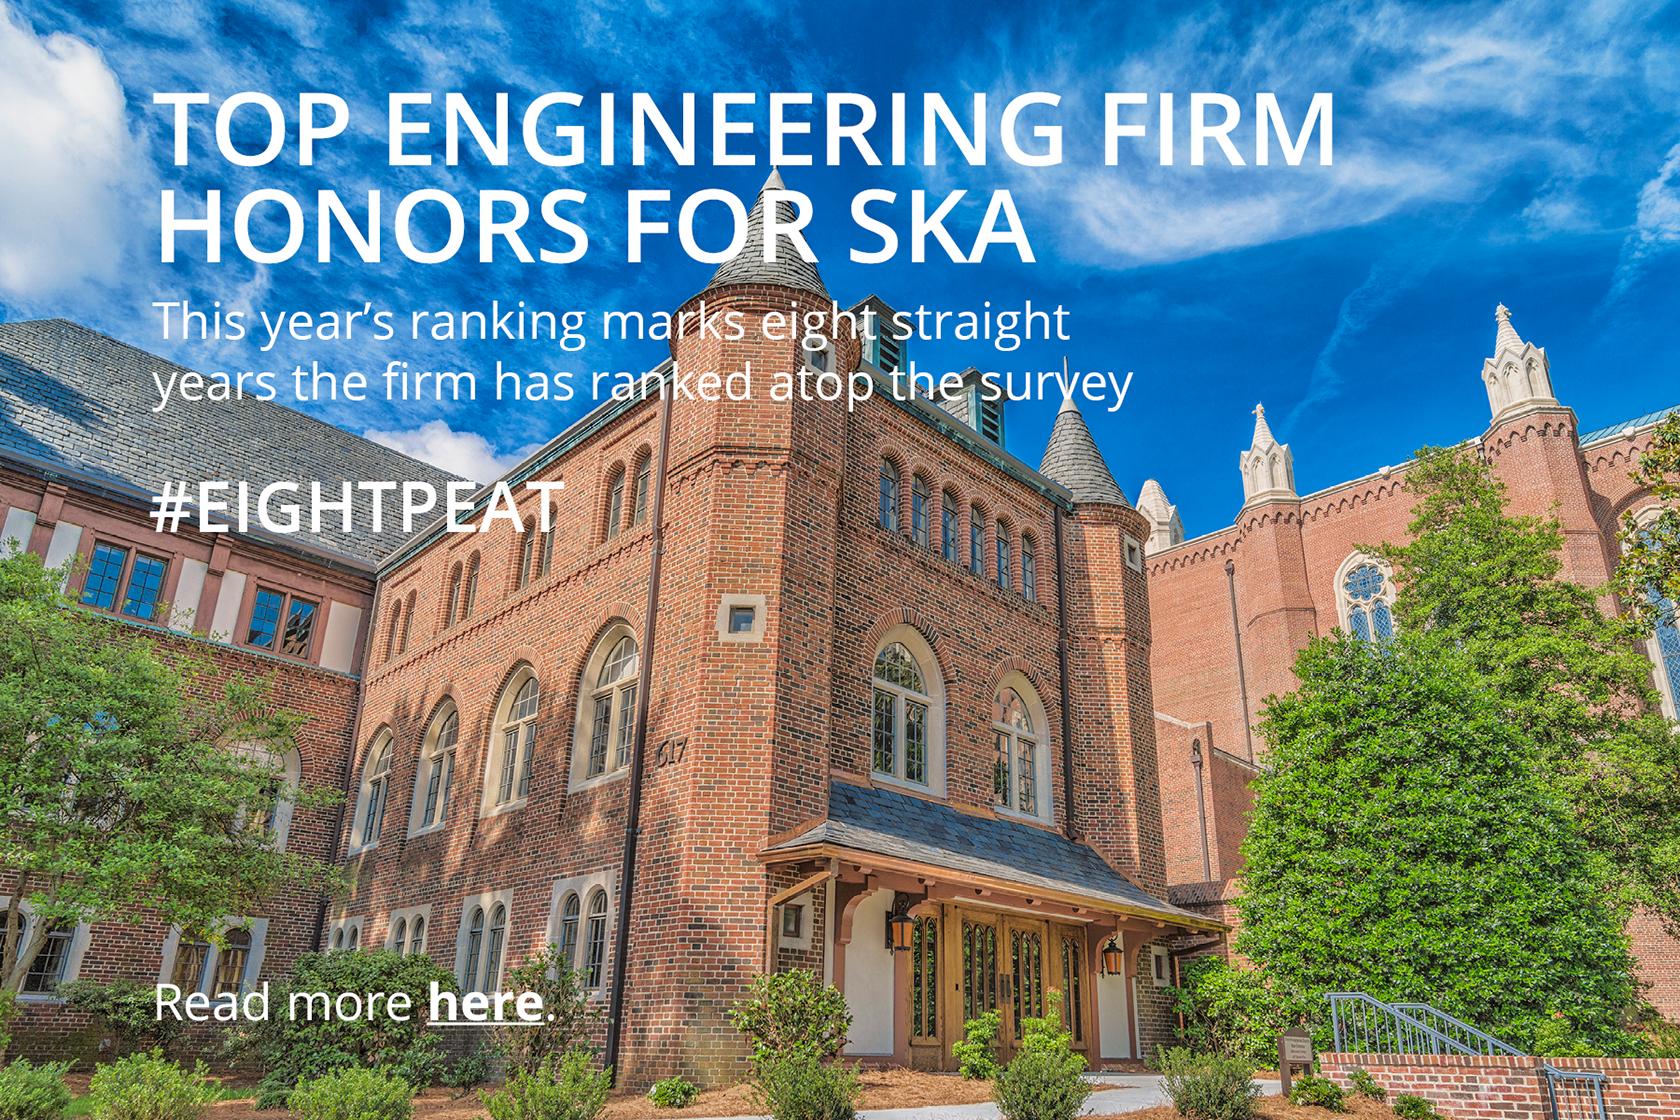 EightPeat SKA Ranked Top Engineering Firm In The Triad